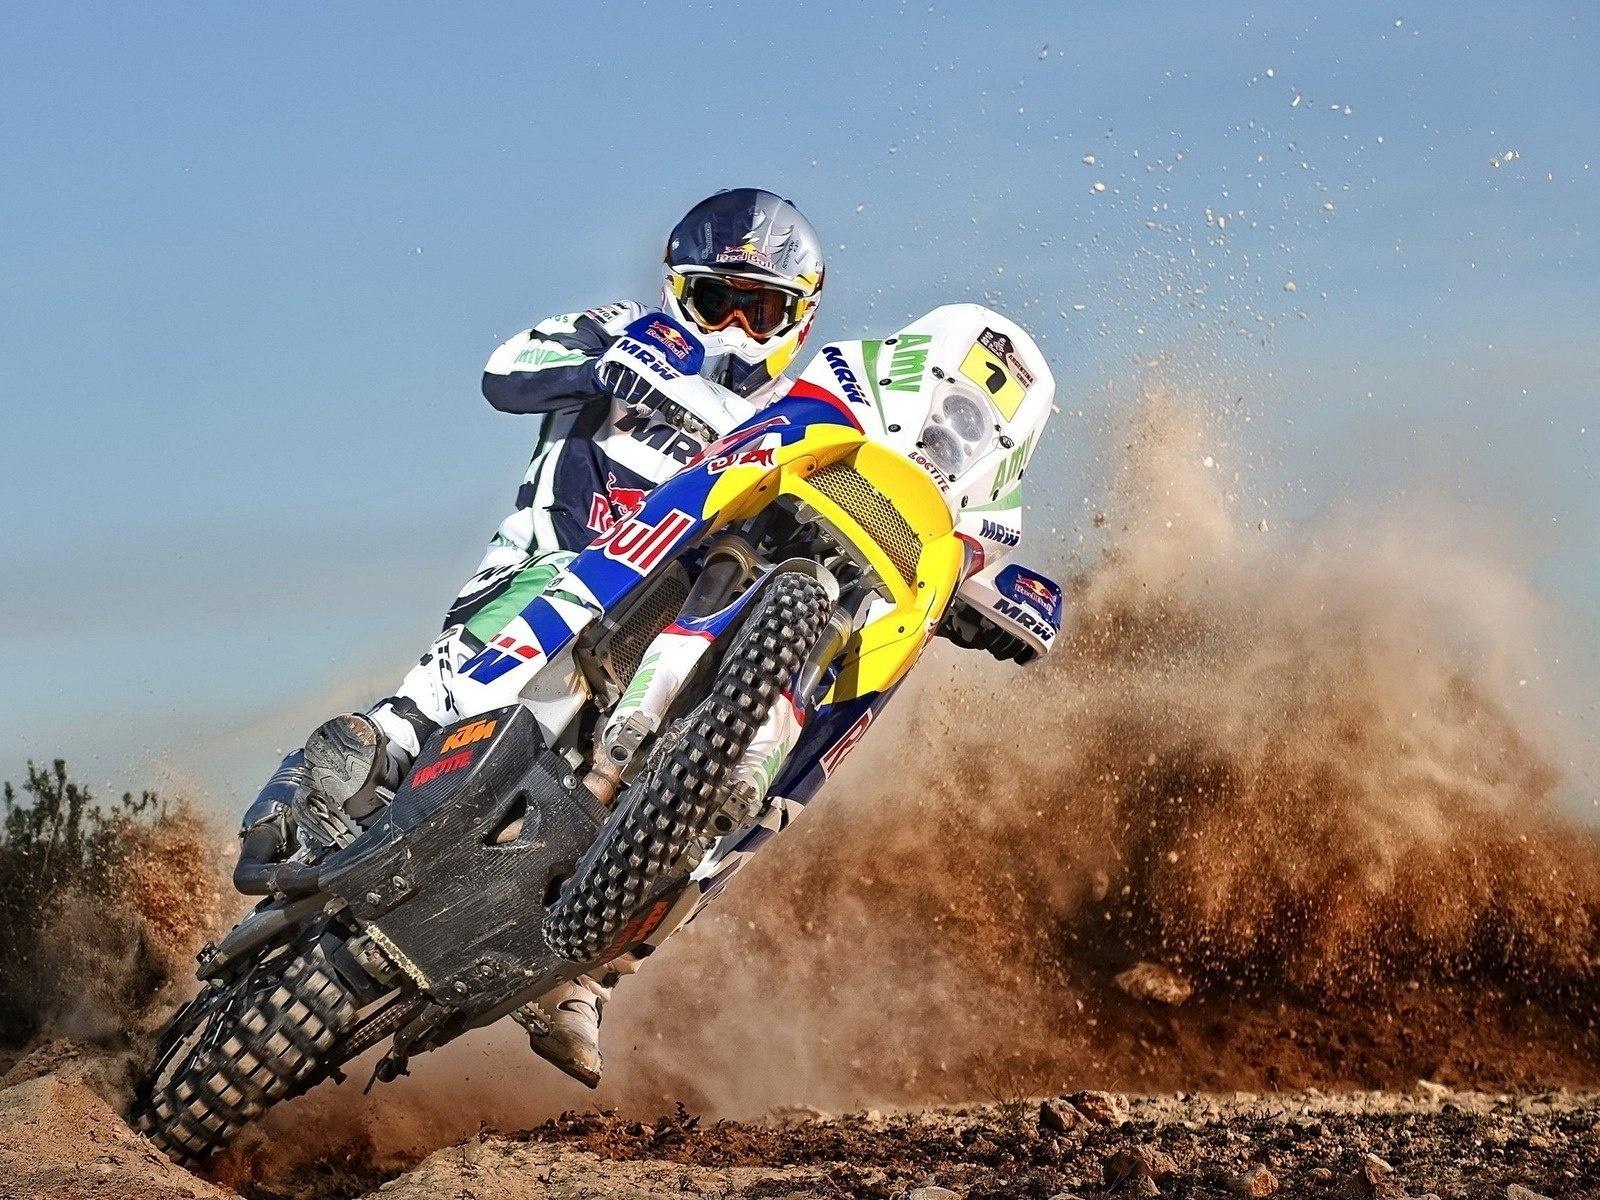 Motorcycle-cross-drif